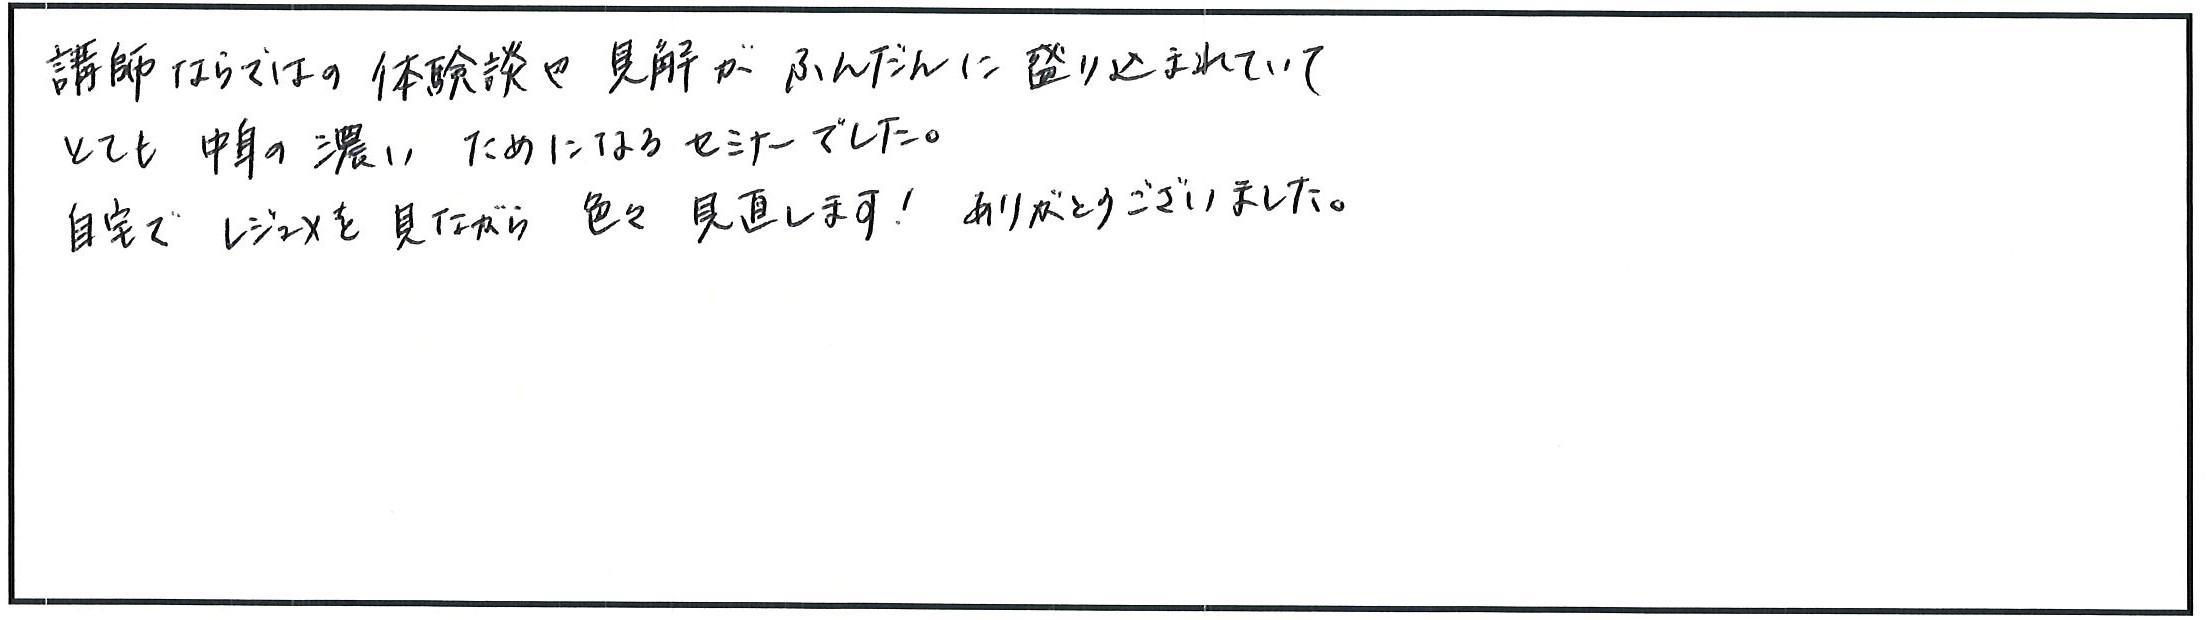 イニシャルR.H人材育成業界人見 (2)